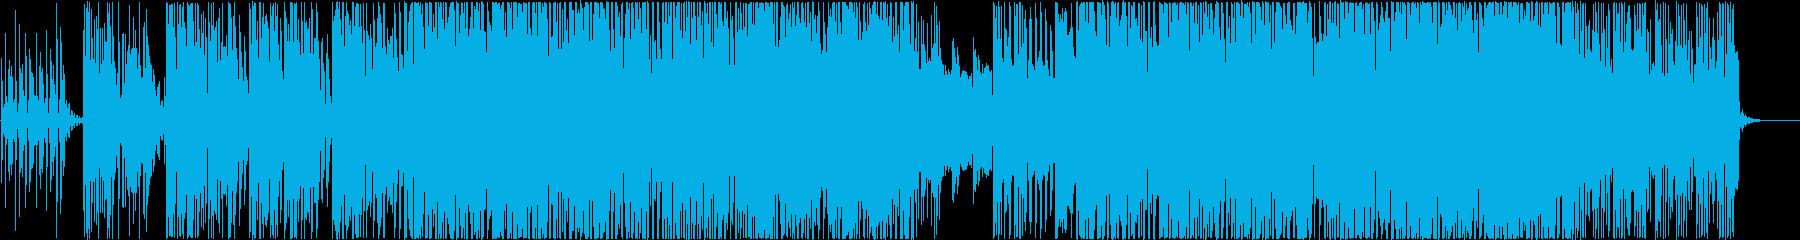 ゆるさわやか、アウトドアミディアムEDMの再生済みの波形